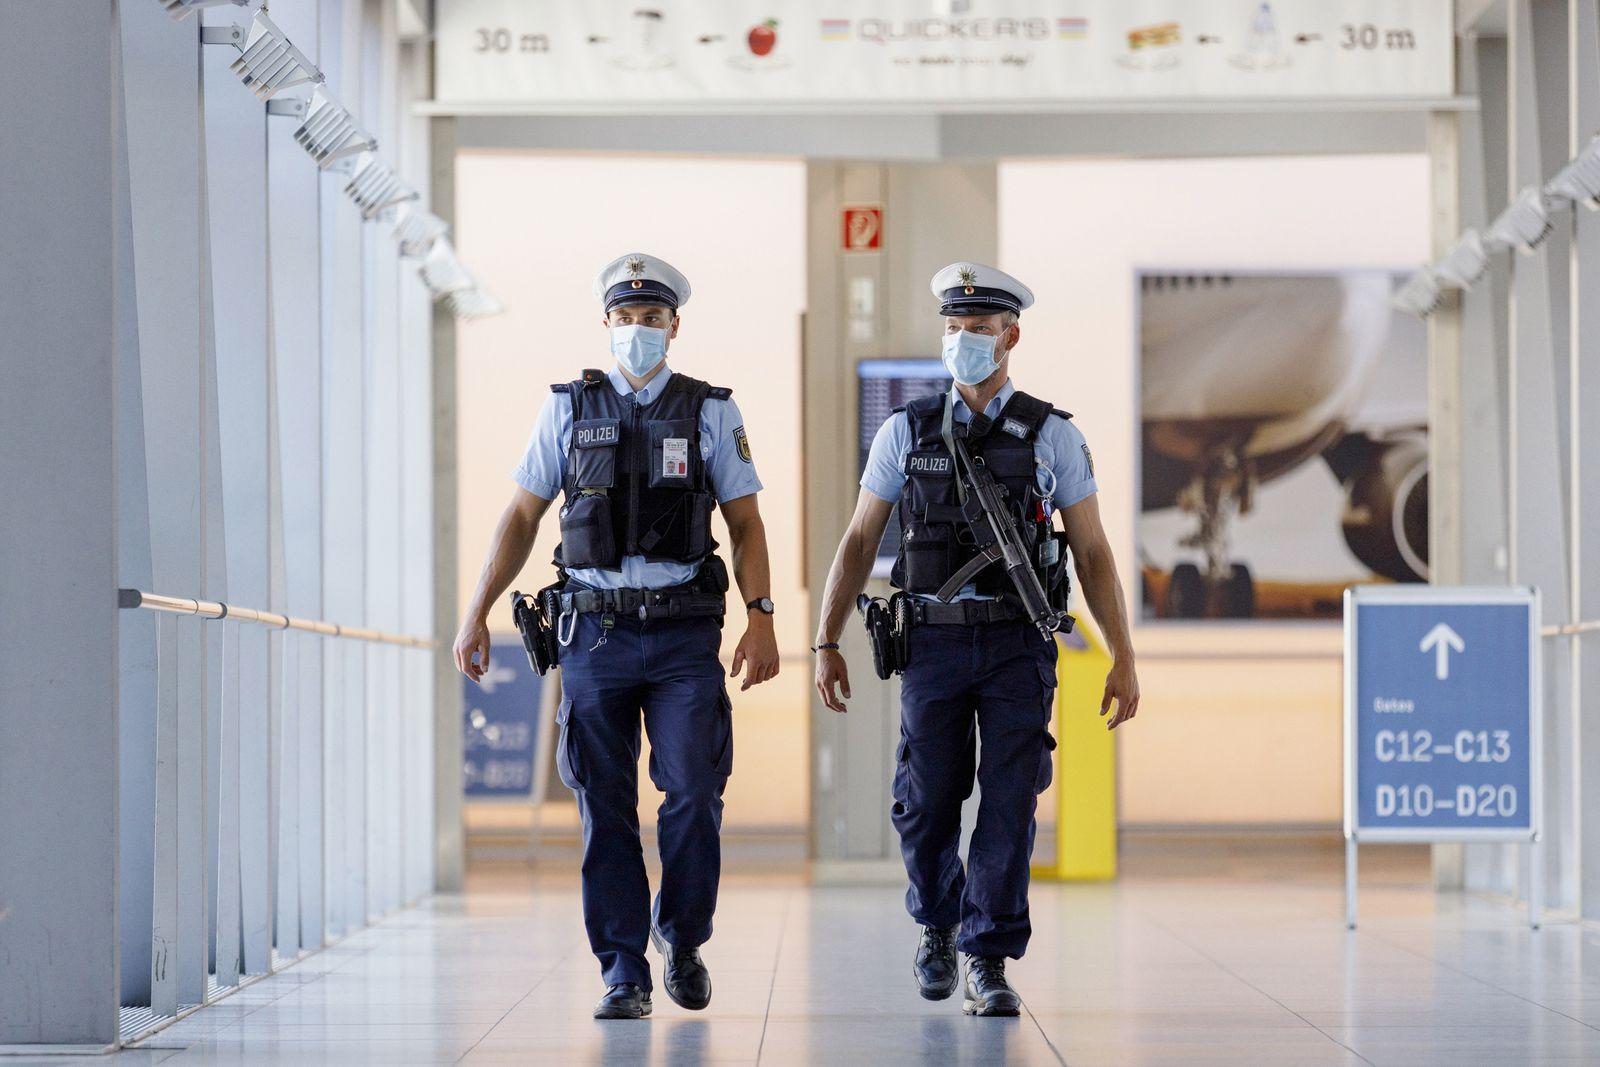 Vorstellung des Sicherheitskonzepts am Flughafen Köln Bonn